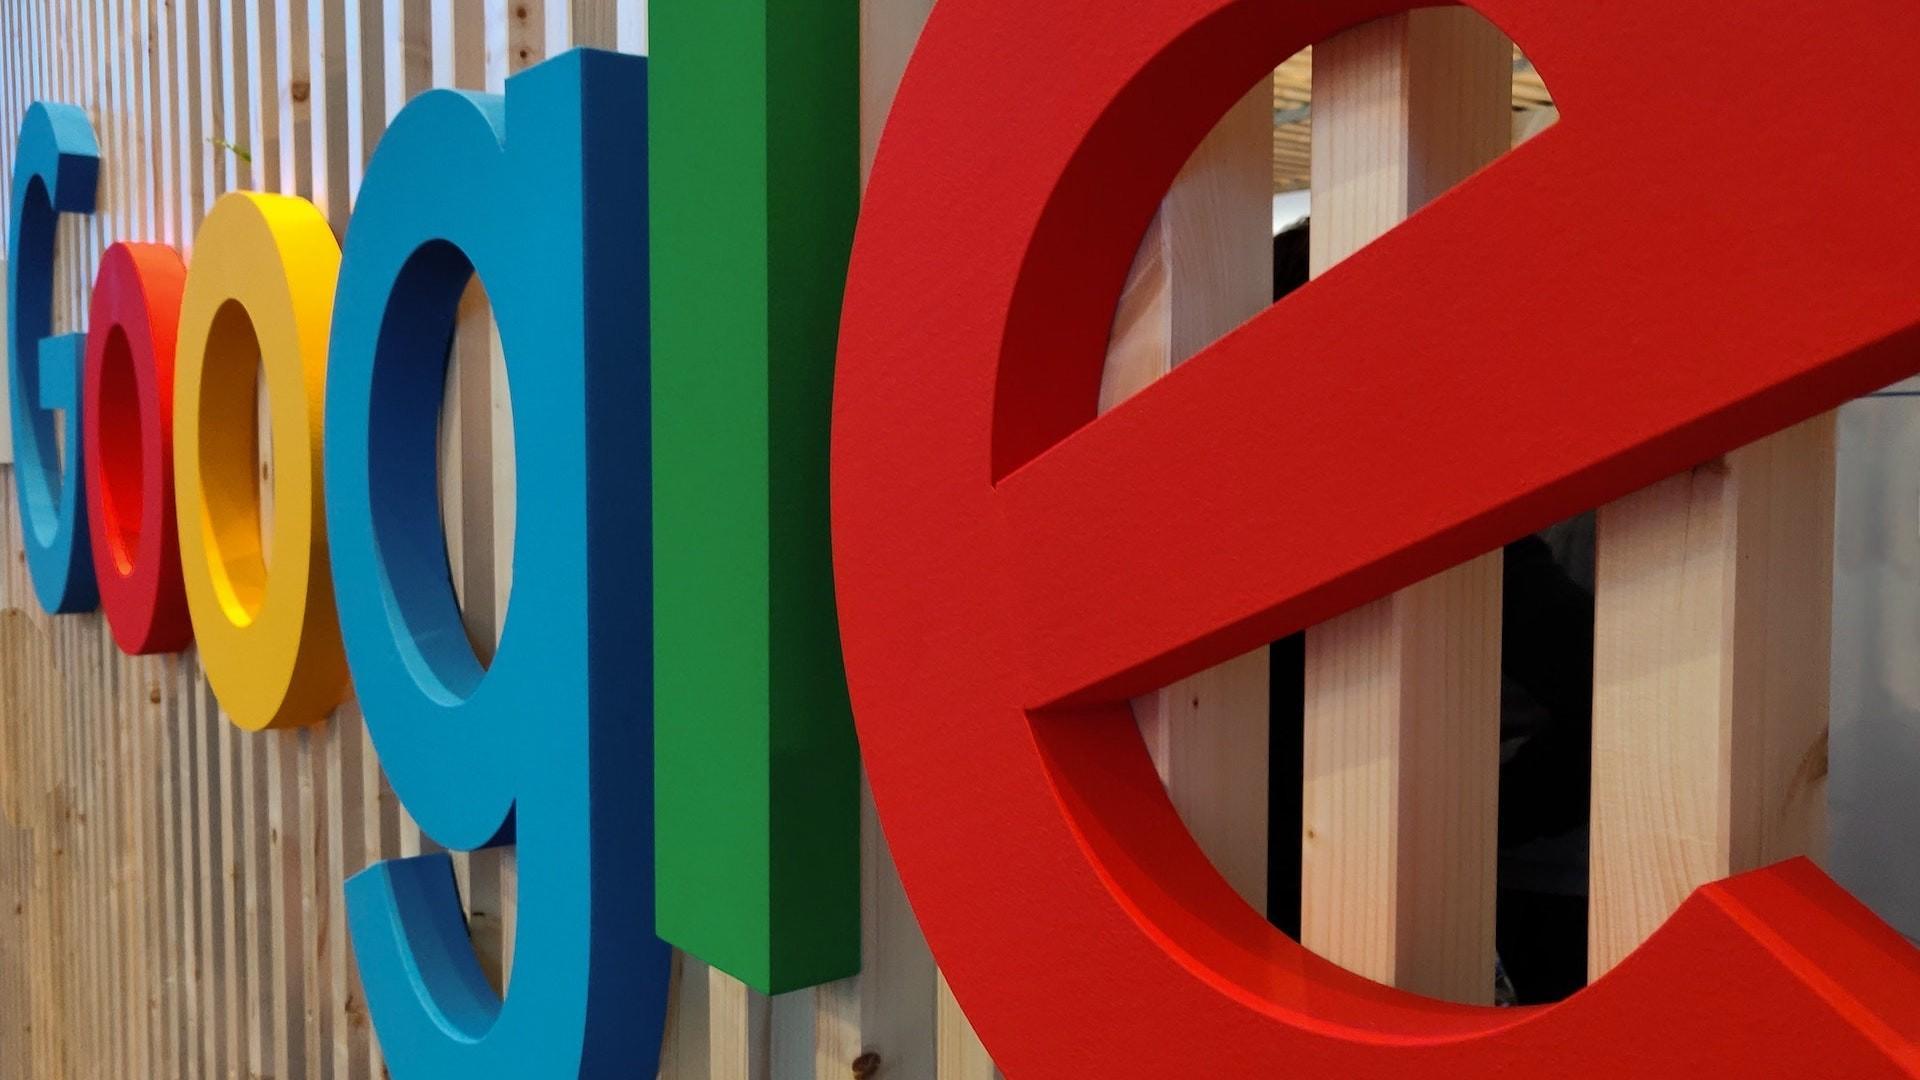 Google-Ranking-Remodelers-Builders-Contractors